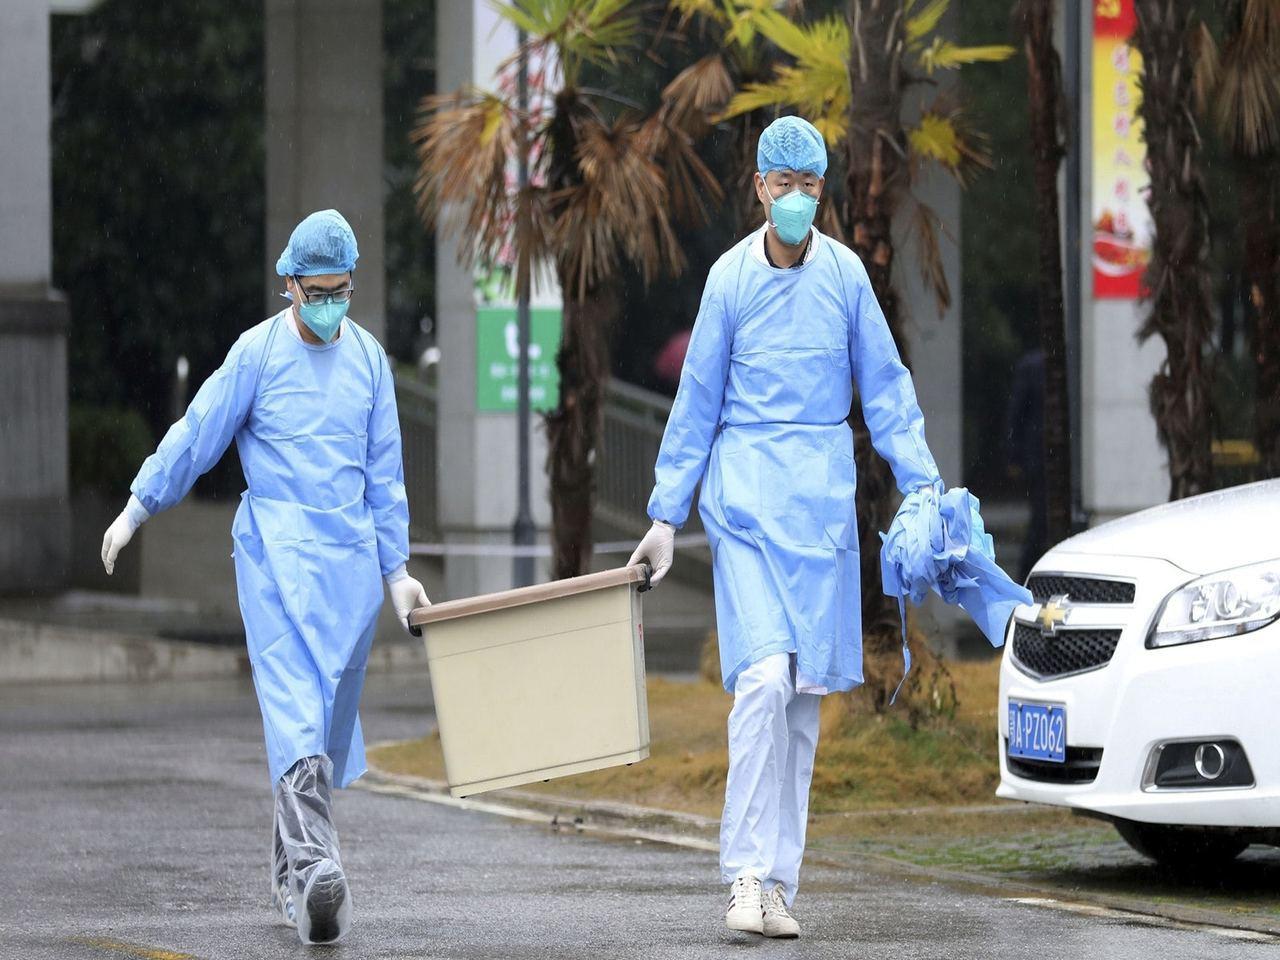 武漢封城後市內的醫療物資不足,多間醫院呼籲有心人捐出醫療物資。(Reuters)